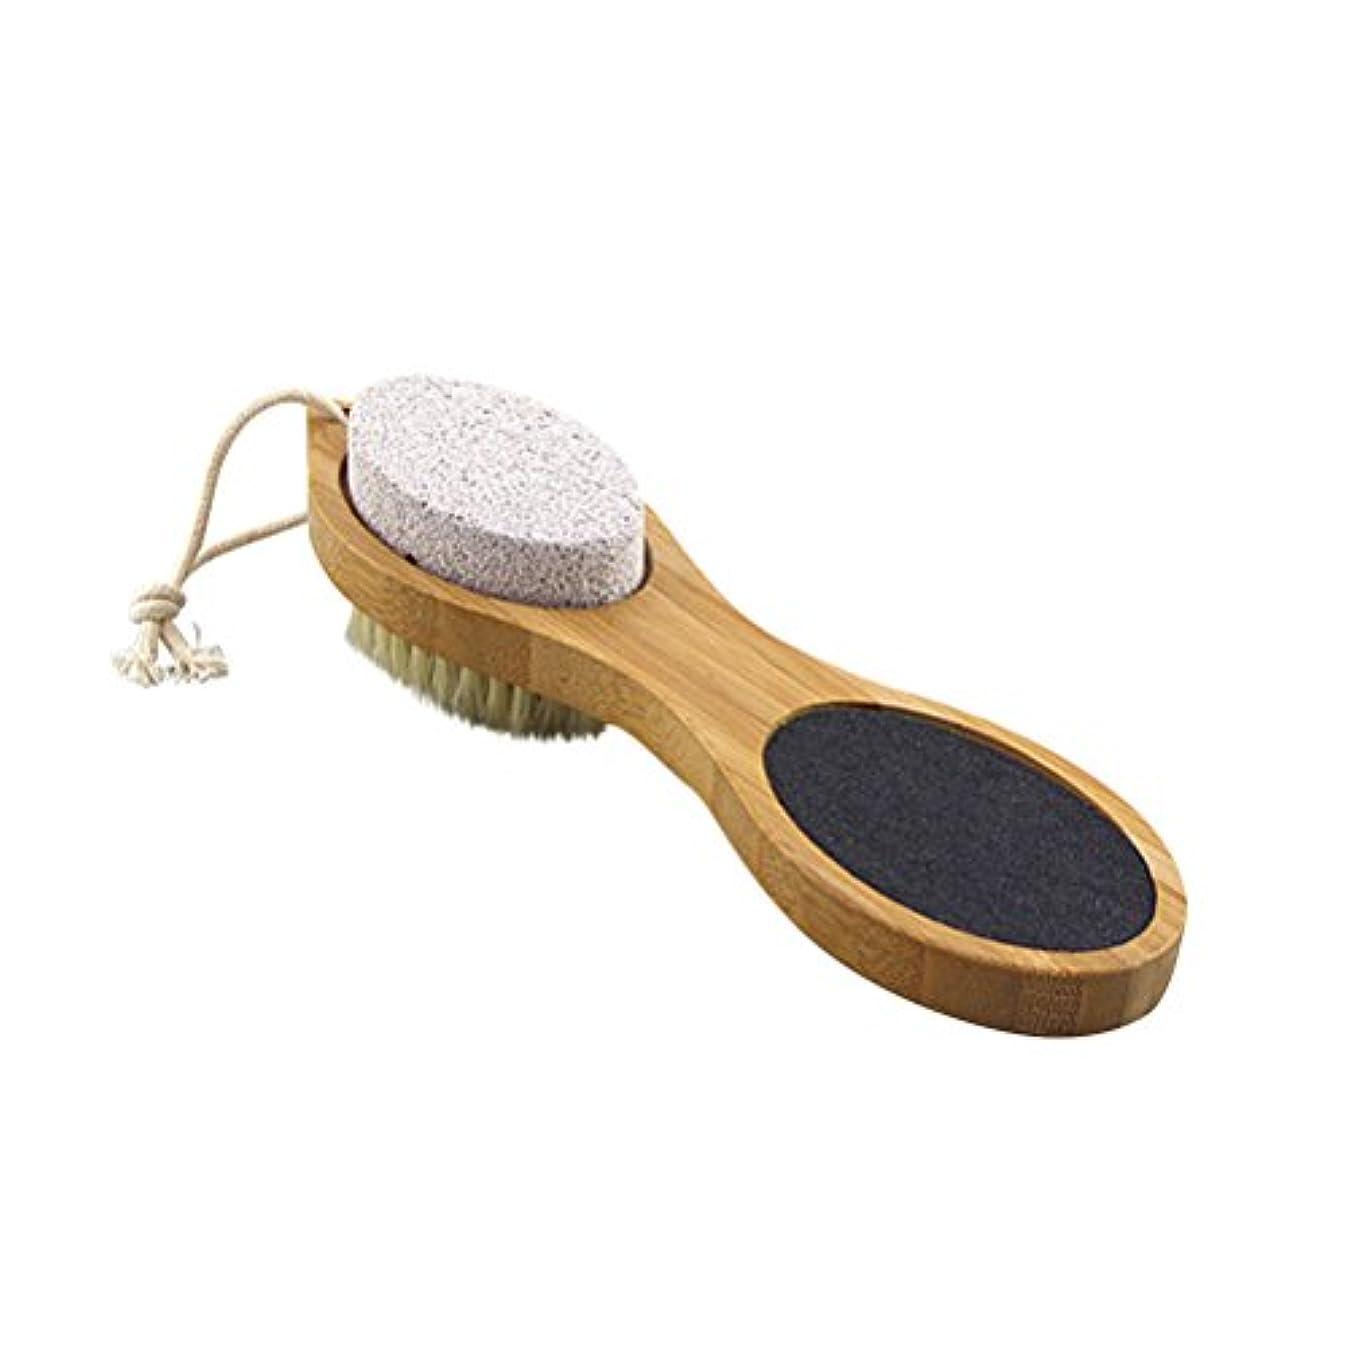 圧縮するフロント重要性ULTNICE 足ブラシ 角質除去 毛ブラシ?砂ブラシ?軽石ブラシ?鋼ブラシ ボディブラシ フットマッサージ